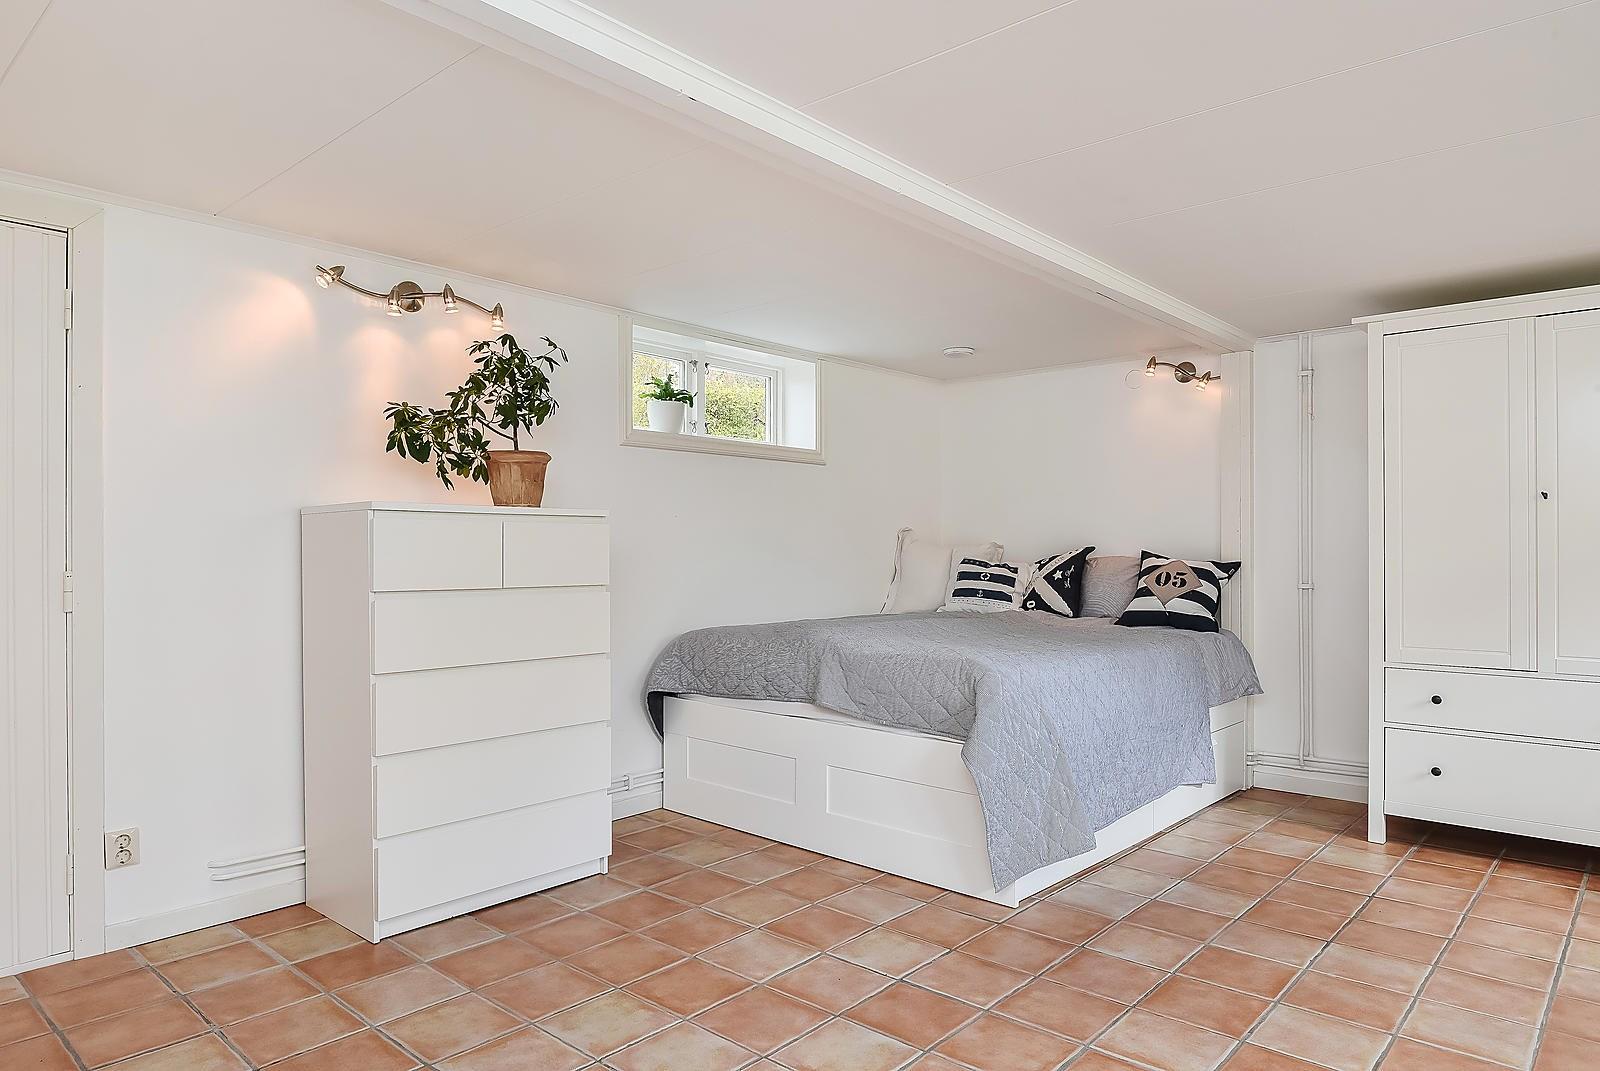 Inredning vattenburen golvvärme källare : Friliggande villa (sÃ¥ld) | Klingstavägen 29 Danderyd - Klingsta ...